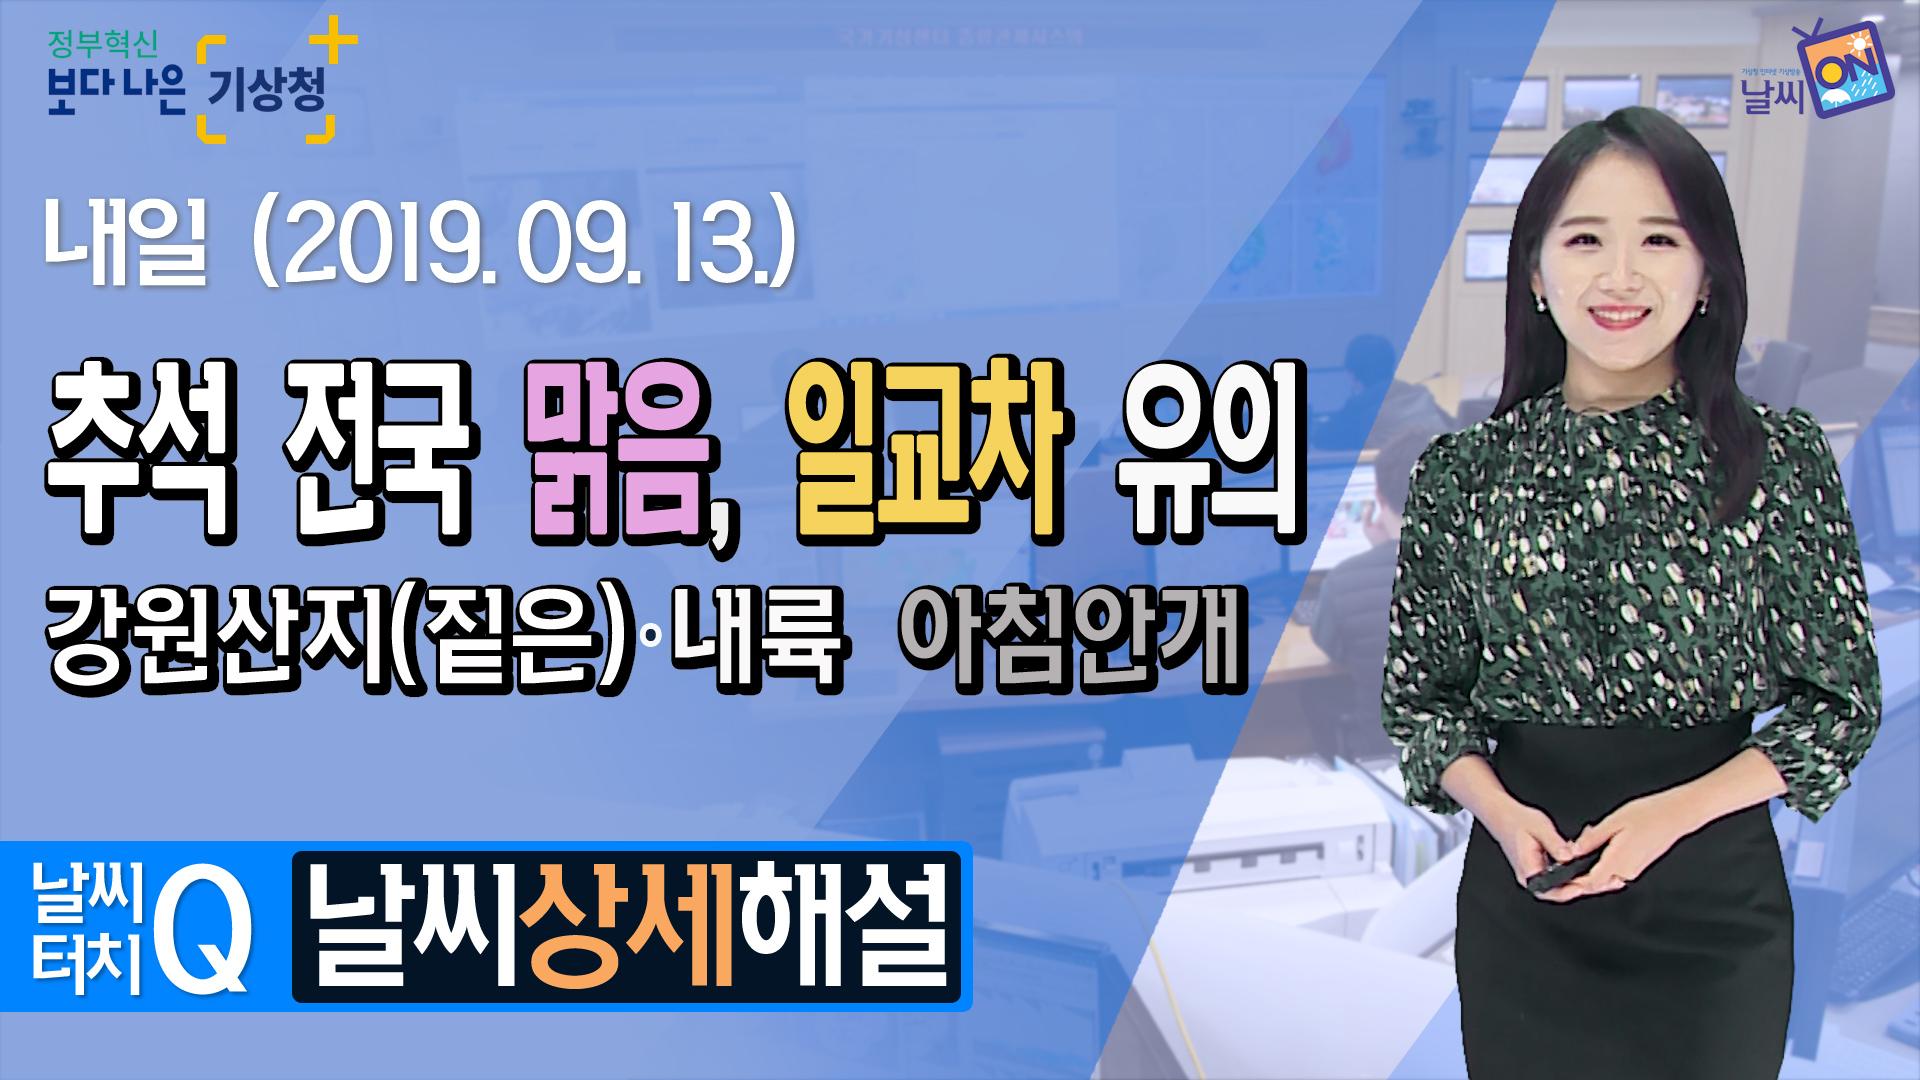 [19시] 9월 13일(금) 추석 당일 전국 맑음, 낮과 밤 기온 차 유의